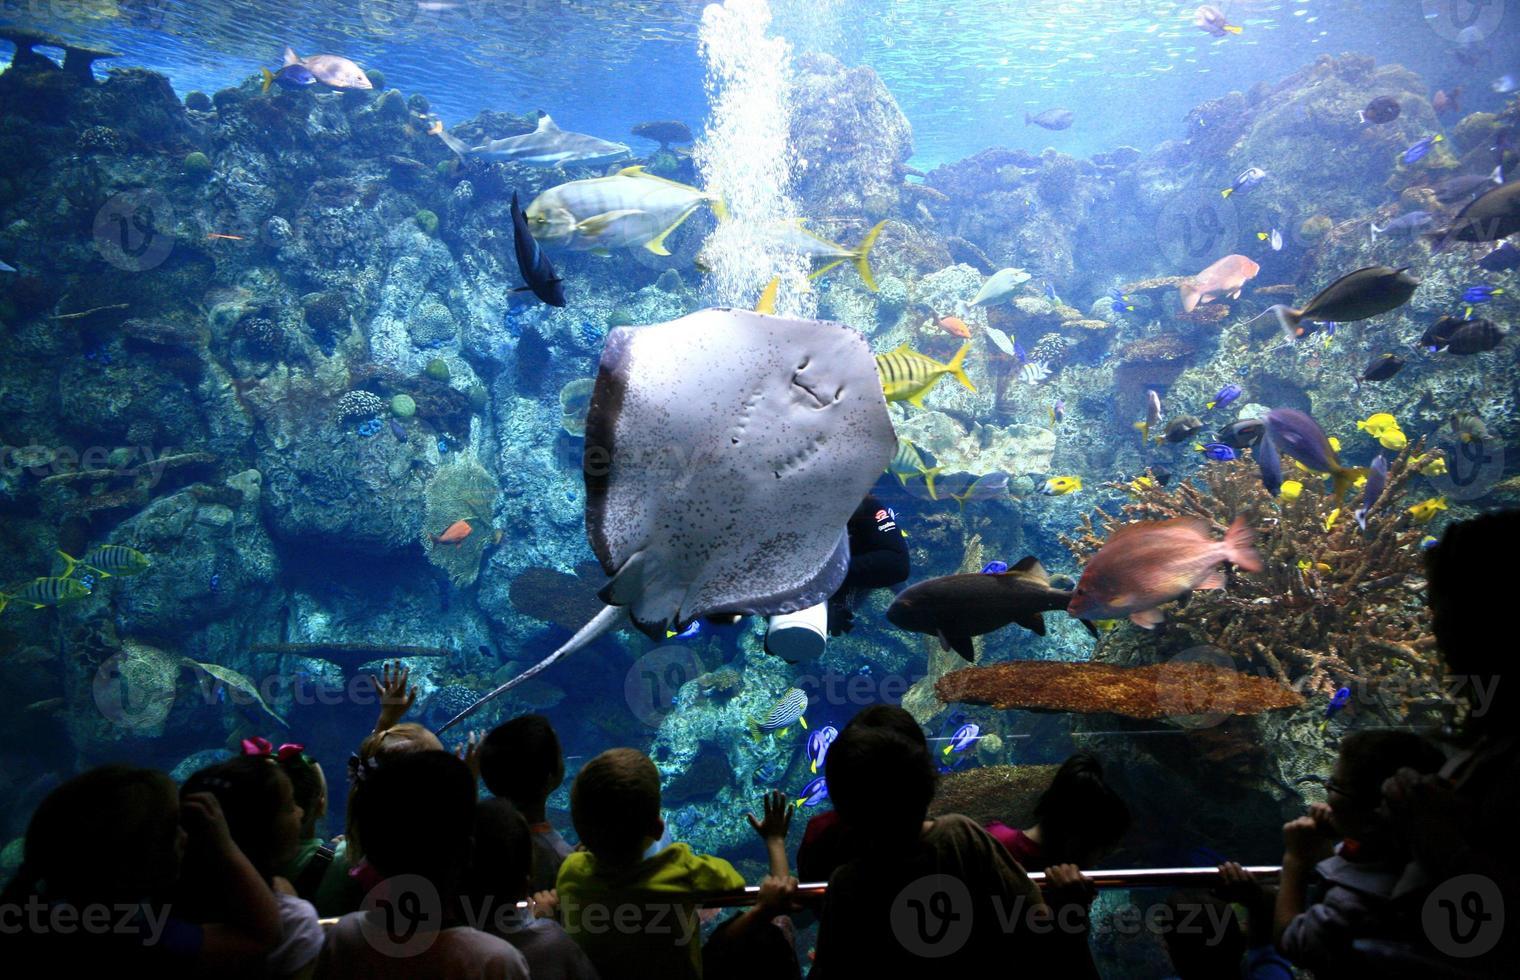 undervattensbild av havslivet i ett akvarium foto